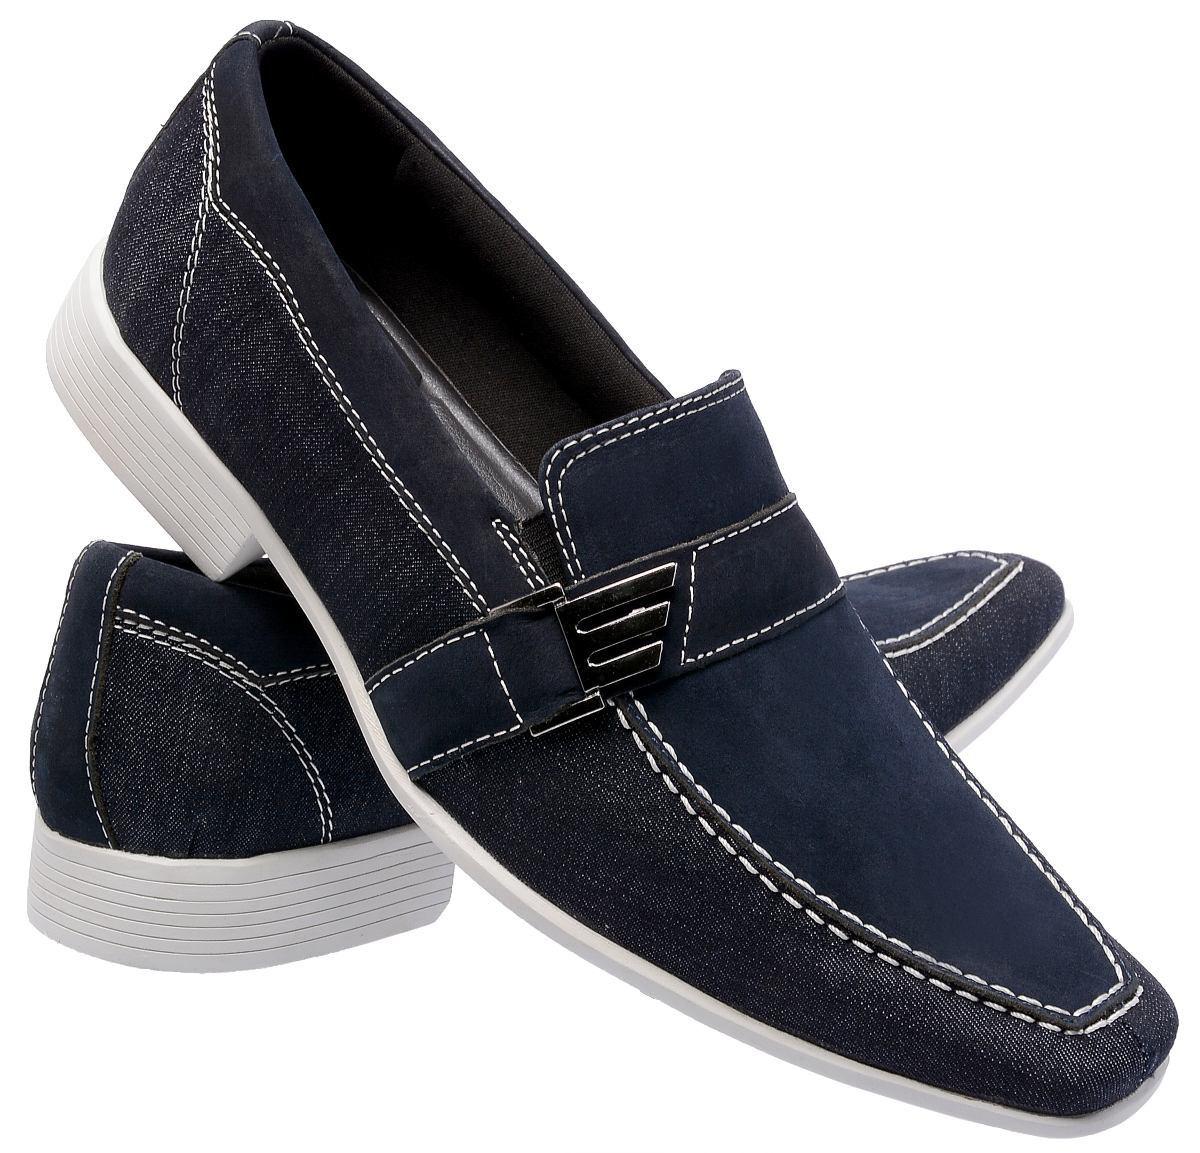 8c8c580b1 sapato social masculino couro e jeans esporte fino promoção. Carregando  zoom.